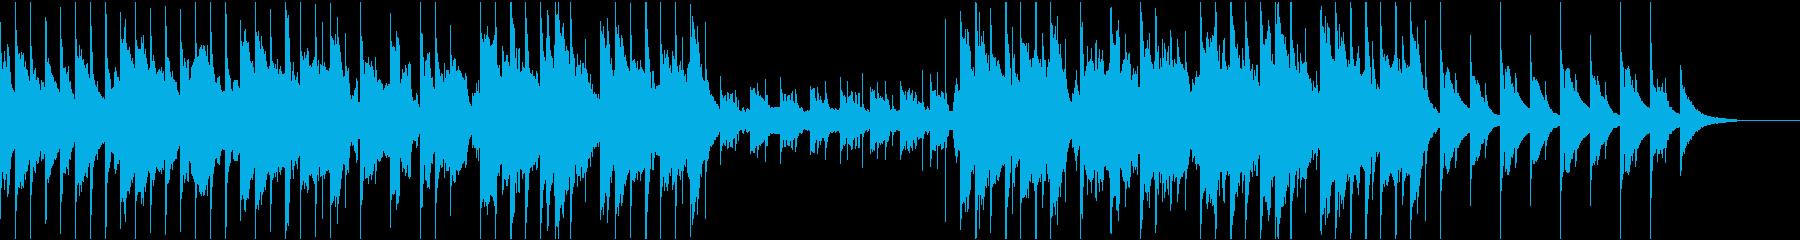 和風ゆったり尺八楽曲,BGM,CM等にの再生済みの波形